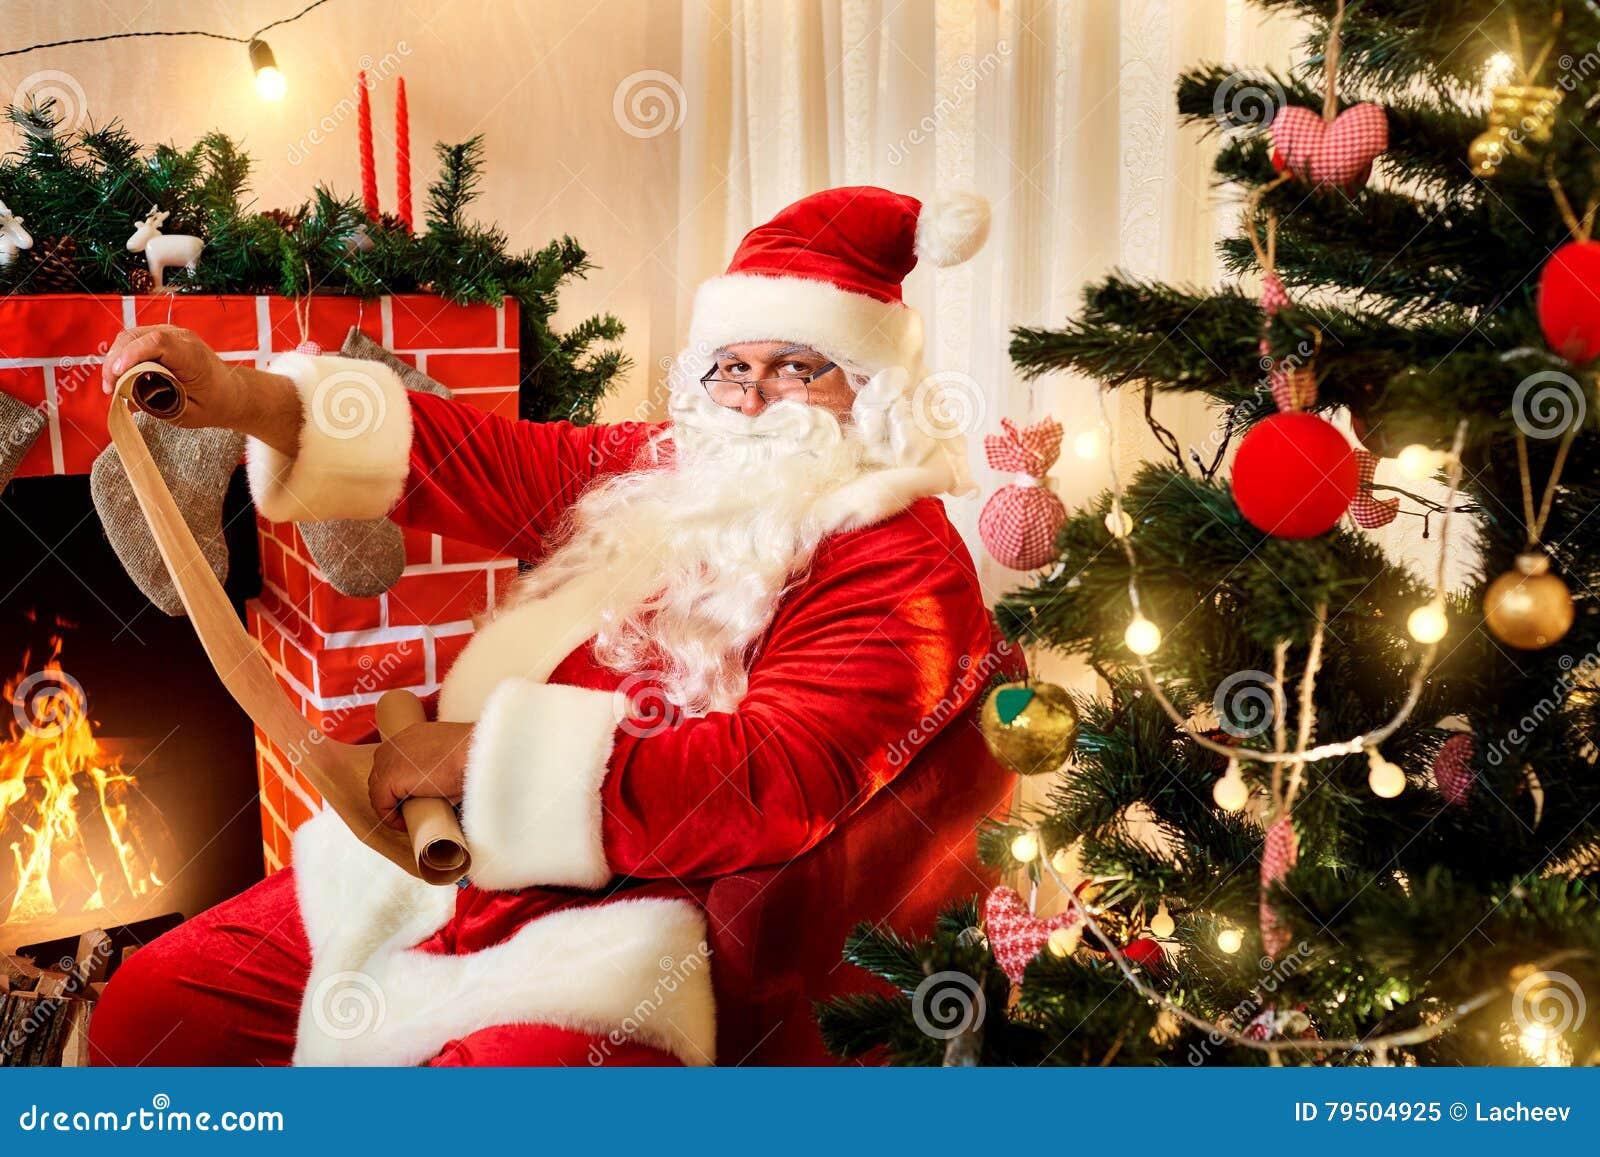 Santa Claus en una lista de la Navidad con un regalo en las manos del